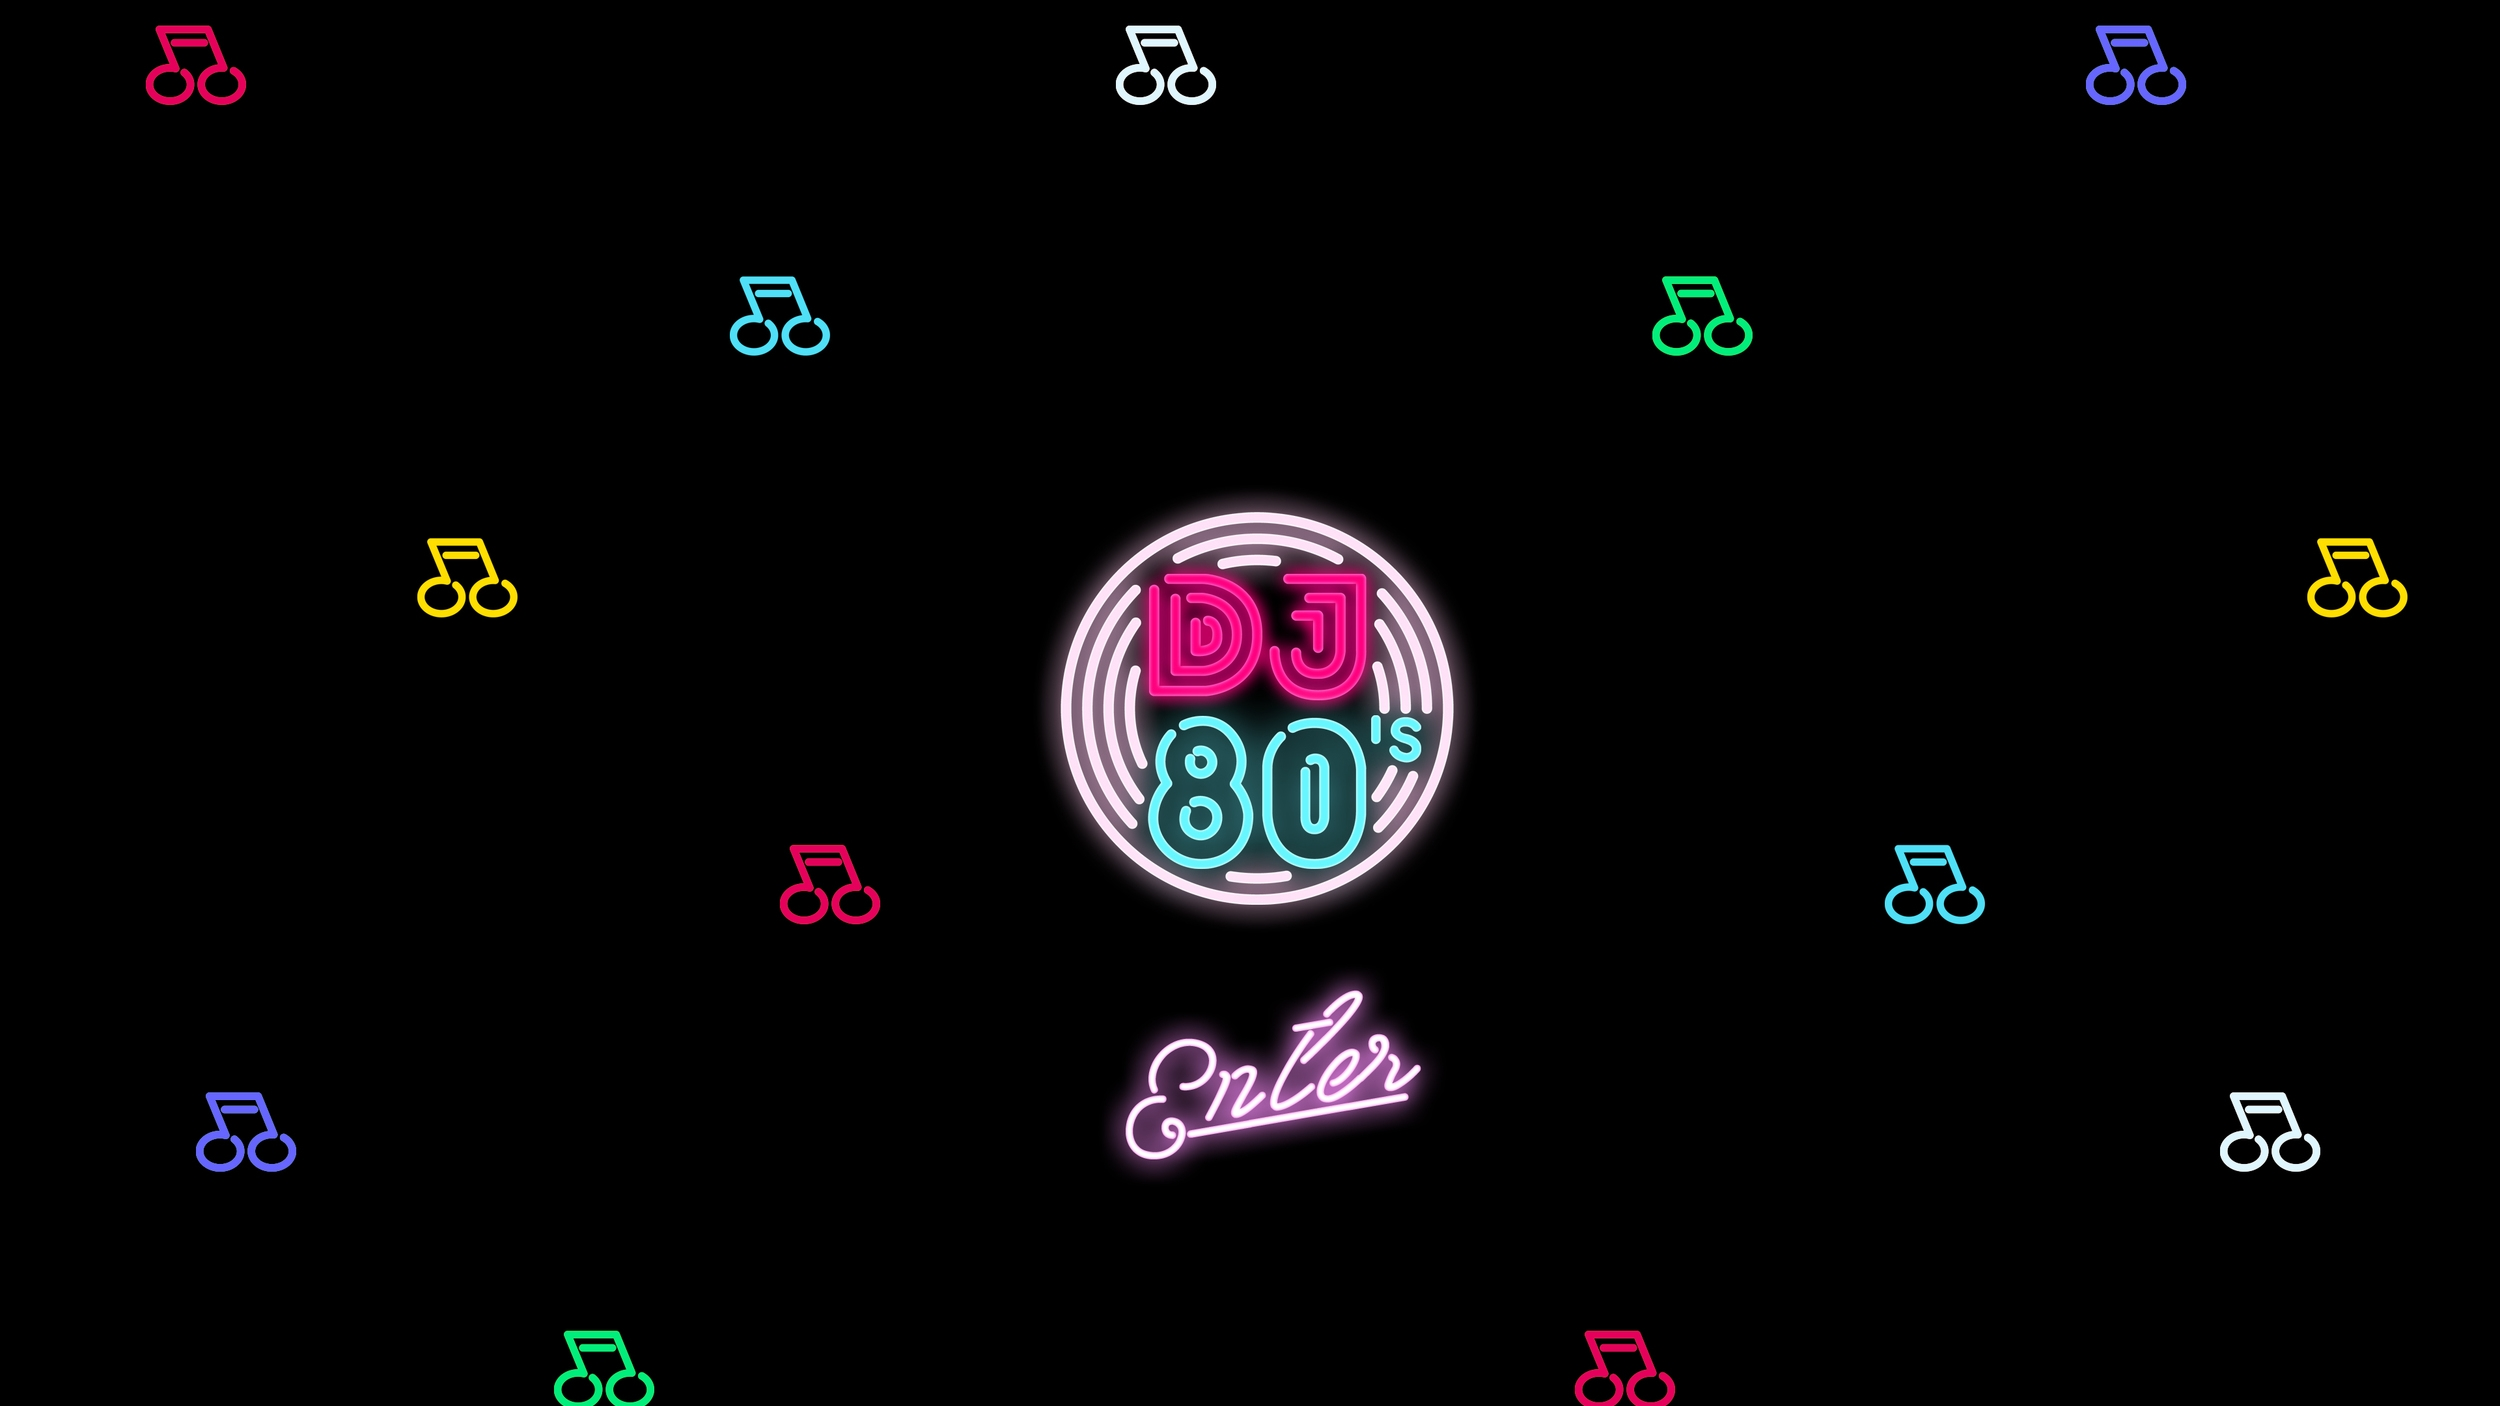 DJ80_02.jpg